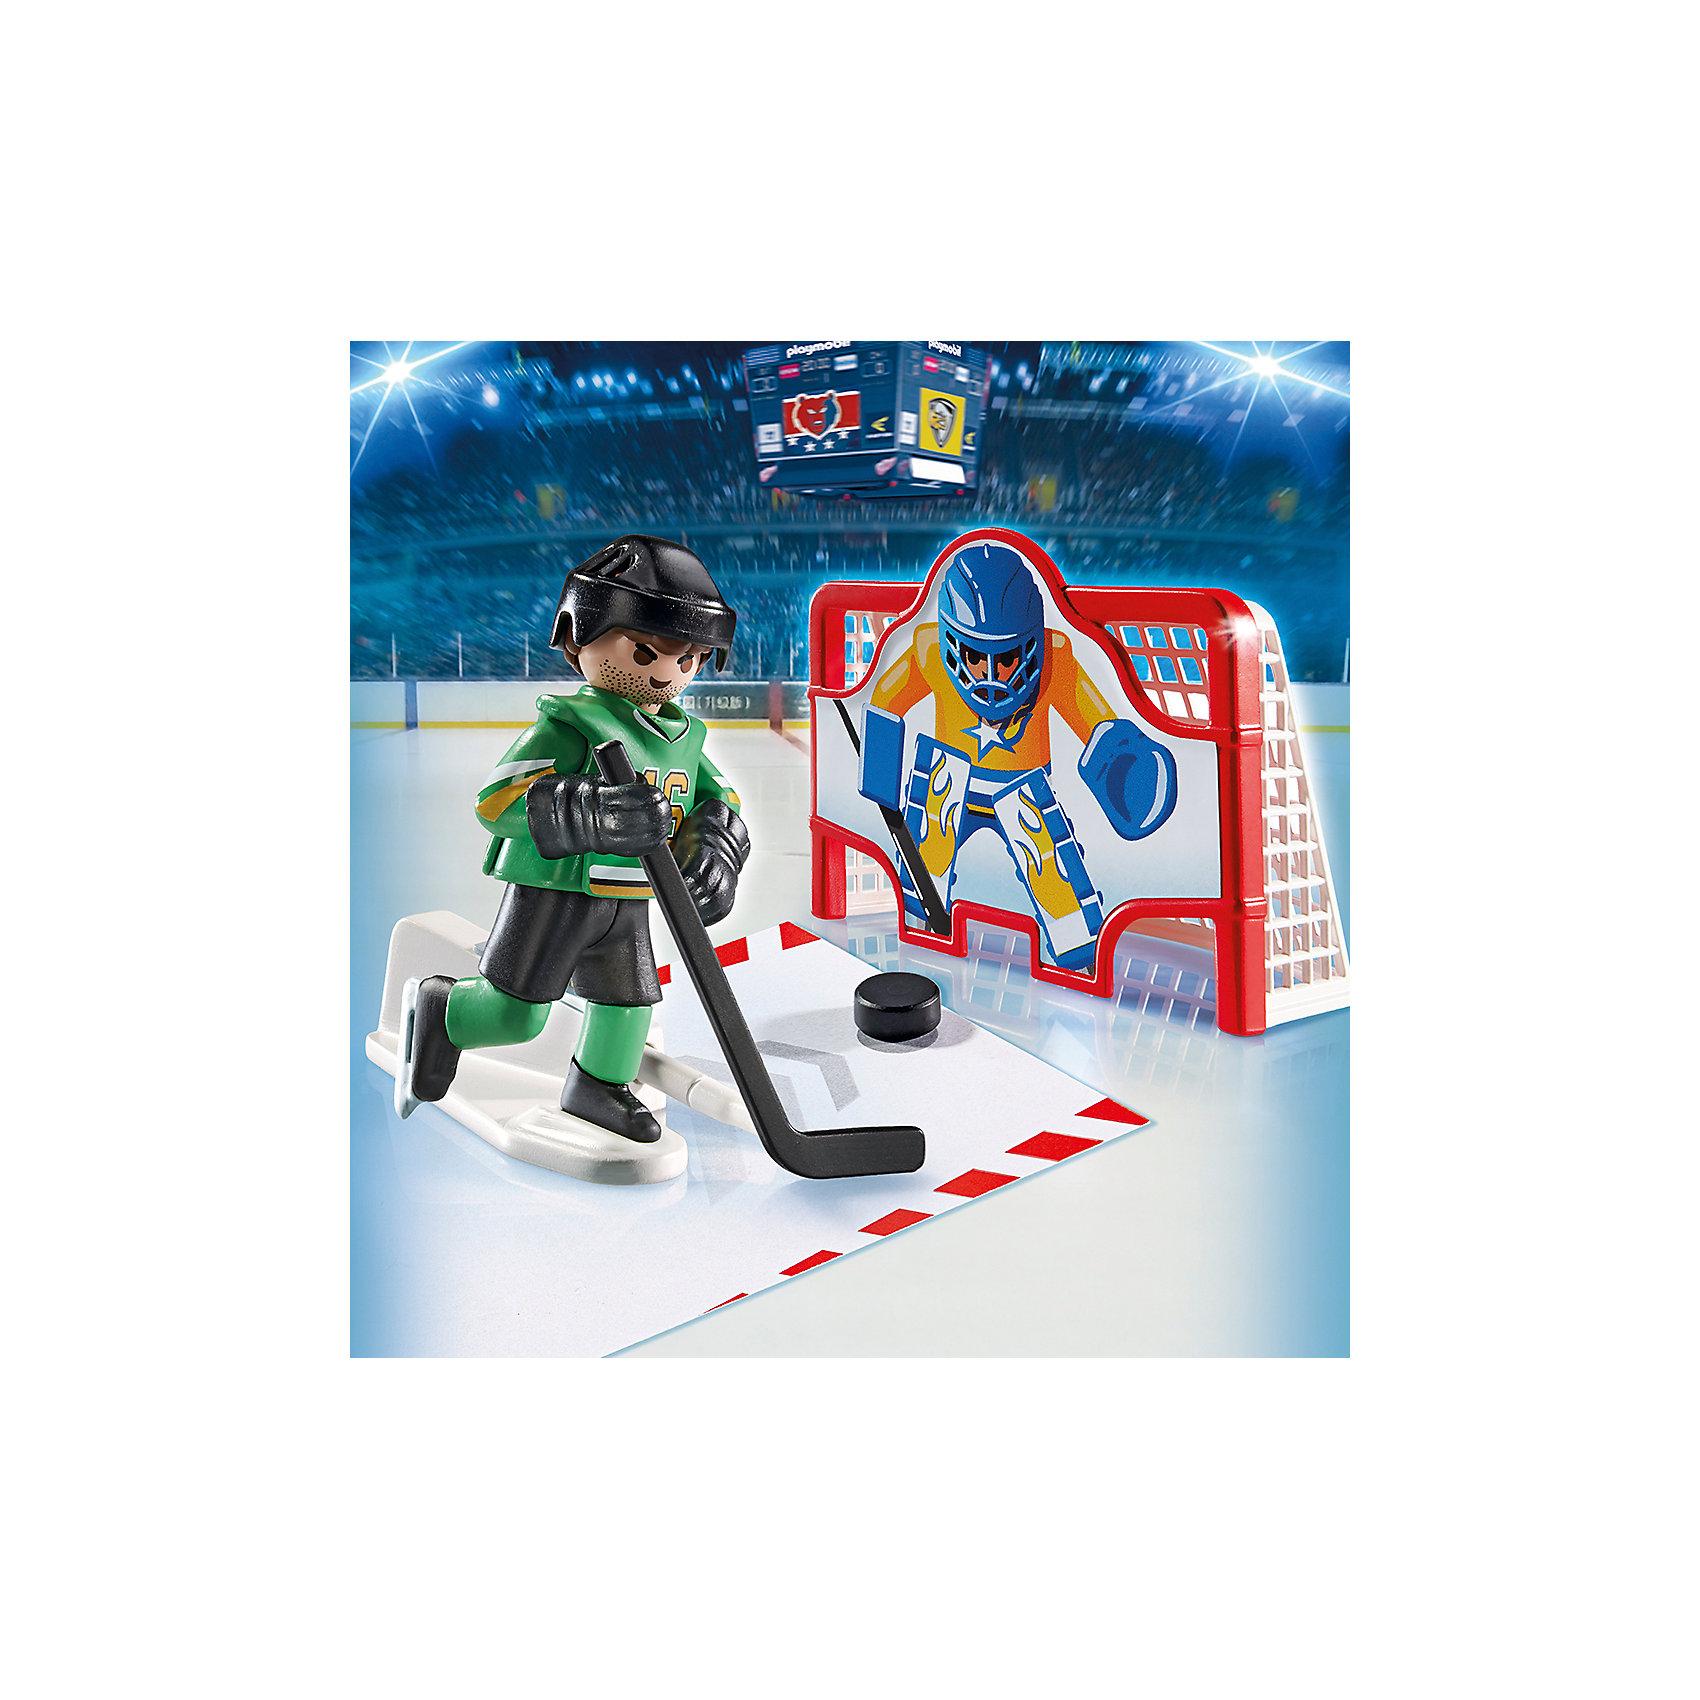 Хоккей: Тренажёр для забивания голов, PLAYMOBILОттачивай свое мастерство с помощью этого тренажера для забивания голов. В комплекте один хоккеист со специальной подставкой. С ее помощью игрок двигается и забивает гол. Фигурка имеет подвижные конечности, в руки можно вложить различные предметы. Все детали прекрасно проработаны и выполнены из высококачественного экологичного пластика безопасного для детей. Играть с таким набором не только приятно и интересно - подобные виды игры развивают мелкую моторику, воображение, творческое мышление.<br><br>Дополнительная информация:<br><br>- 1 фигурка.<br>- Комплектация: 1 фигурка, подставка, ворота, 4 шайбы, клюшка. <br>- Материал: пластик.<br>- Размер упаковки: 14х14х7 см.<br>- Высота фигурки: 7,5 см.<br>- Голова, руки, ноги у фигурки подвижные.<br><br>Набор Хоккей: Тренажёр для забивания голов, PLAYMOBIL (Плеймобил), можно купить в нашем магазине.<br><br>Ширина мм: 145<br>Глубина мм: 144<br>Высота мм: 71<br>Вес г: 105<br>Возраст от месяцев: 60<br>Возраст до месяцев: 120<br>Пол: Мужской<br>Возраст: Детский<br>SKU: 4012494